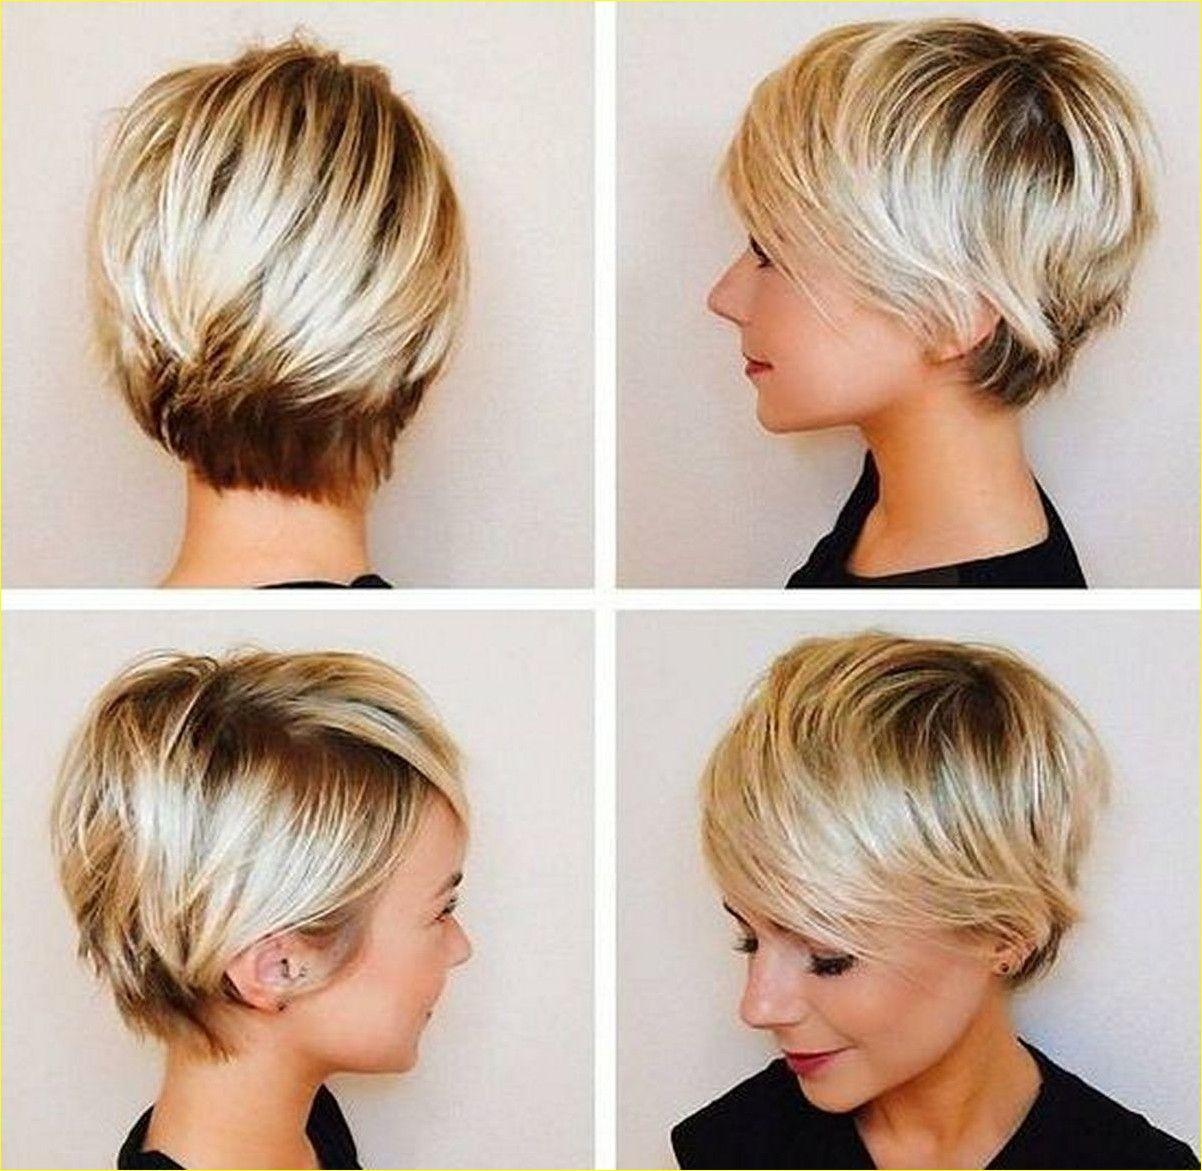 Kurze Pixie Schnitte 20 Pixie Haircuts Fur Frauen Kurzhaarschnitt Frisur Trend Haarschnitt Pixie Haarschnitt Kurzhaarschnitt